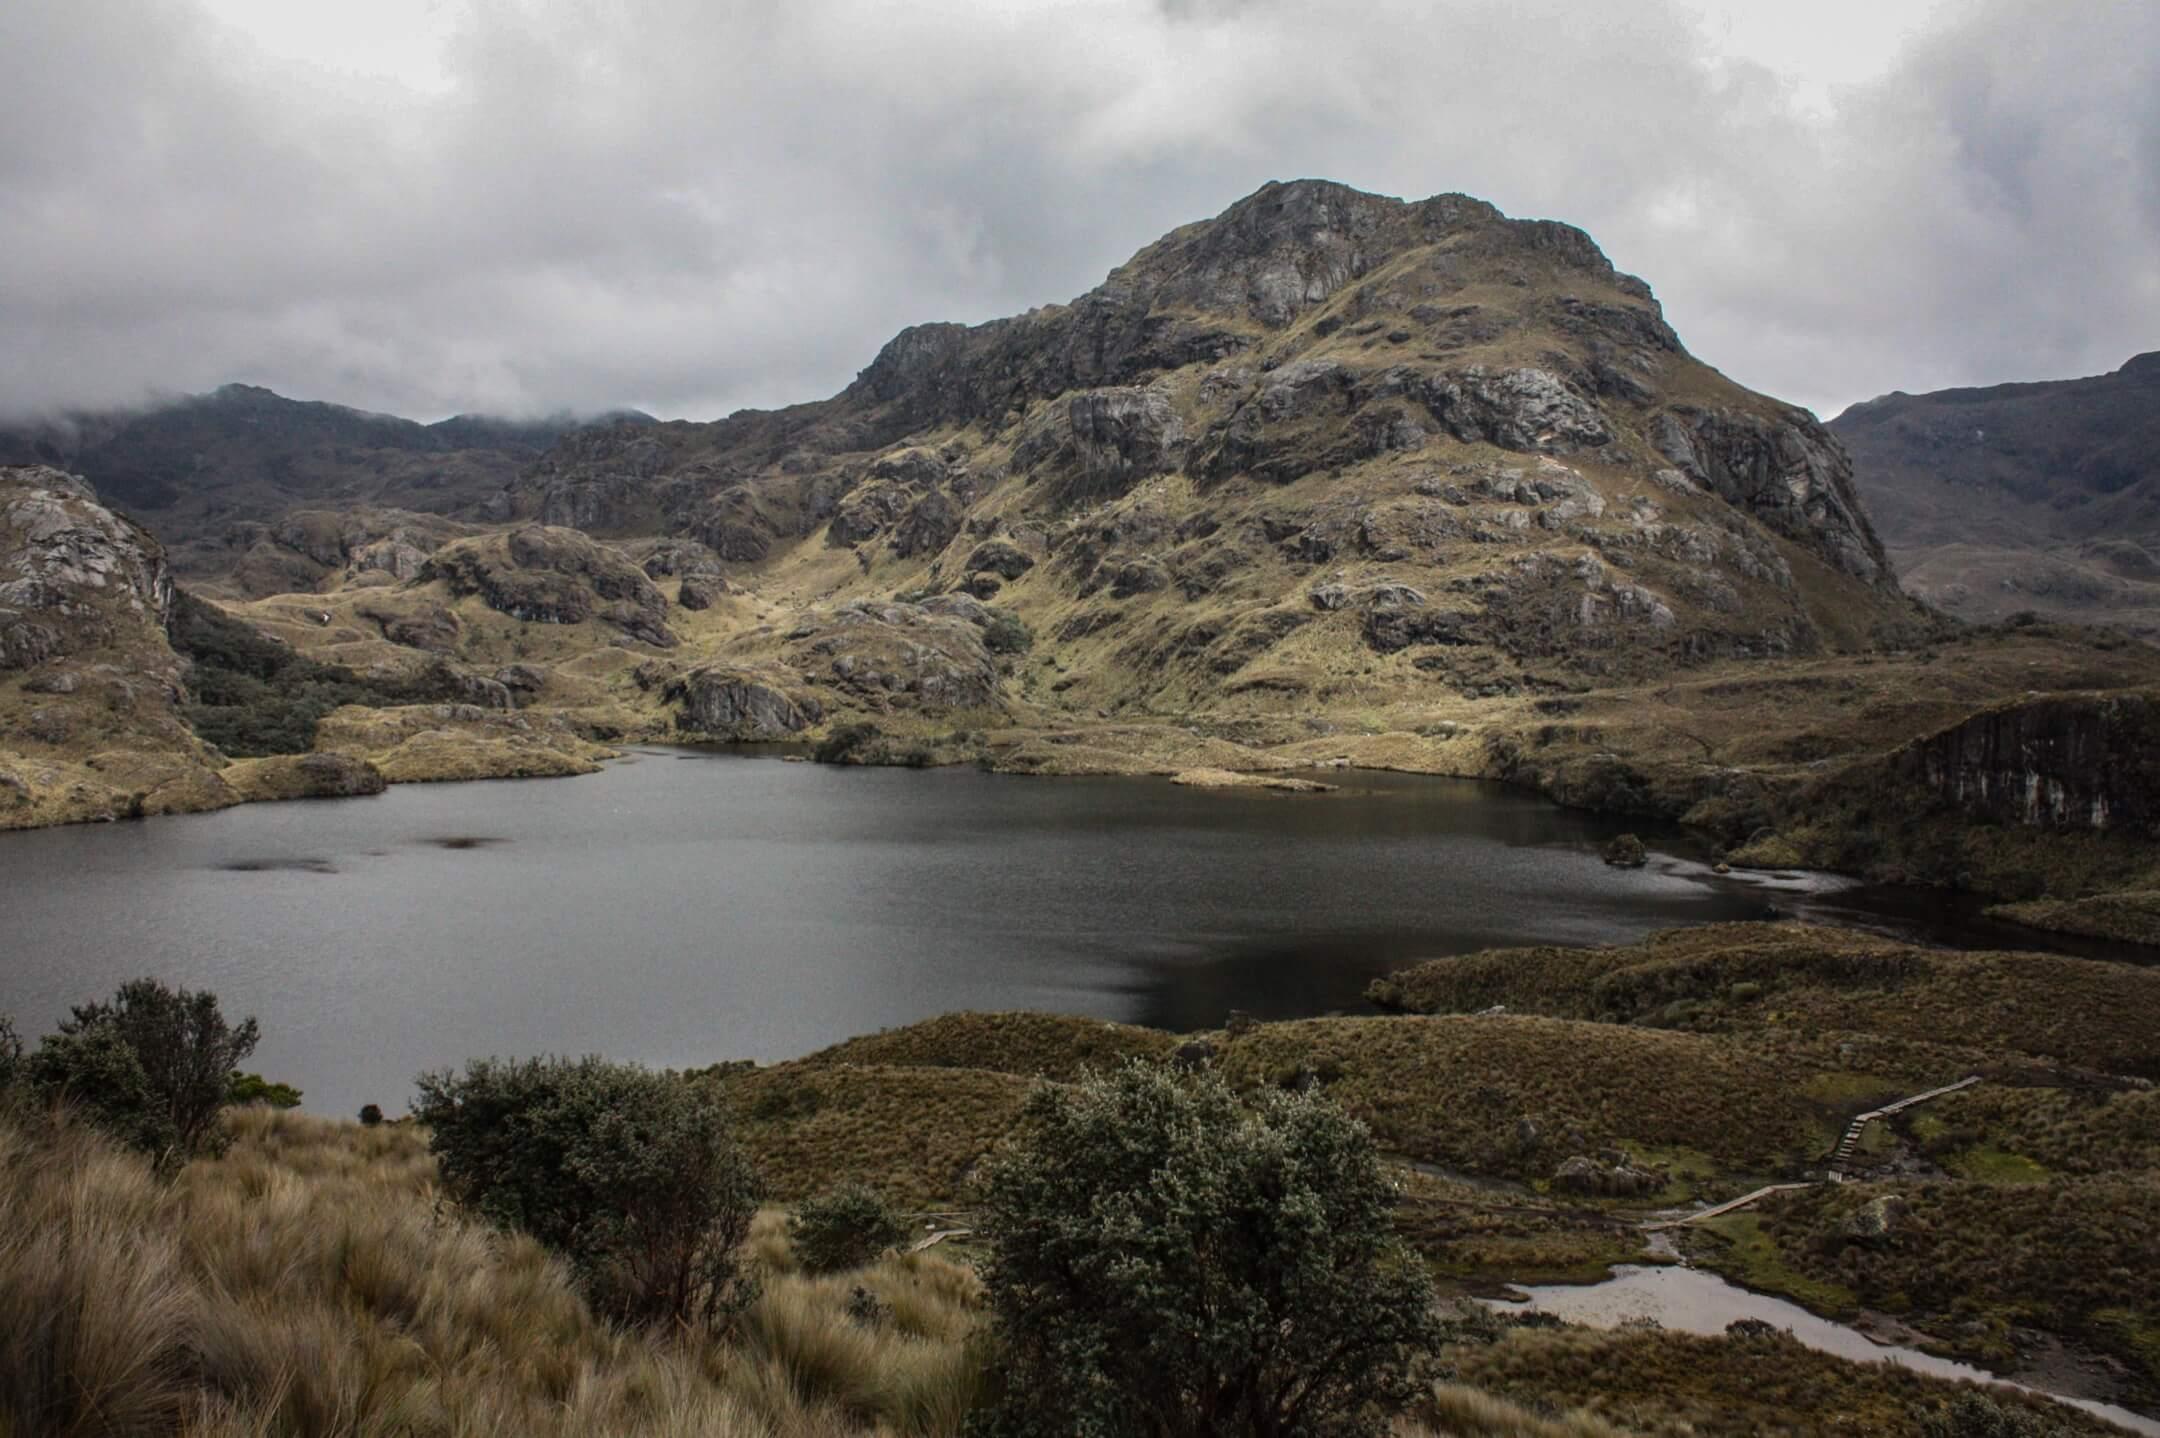 白河金礦緊挨着生態脆弱的 Cajas 國家公園,又和對於昆卡城和周邊城市很重要的水源相連,若開採則每小時要消耗近1000升水,一直面臨環保機構的挑戰。 攝影:Andrés Bermúdez Liévano